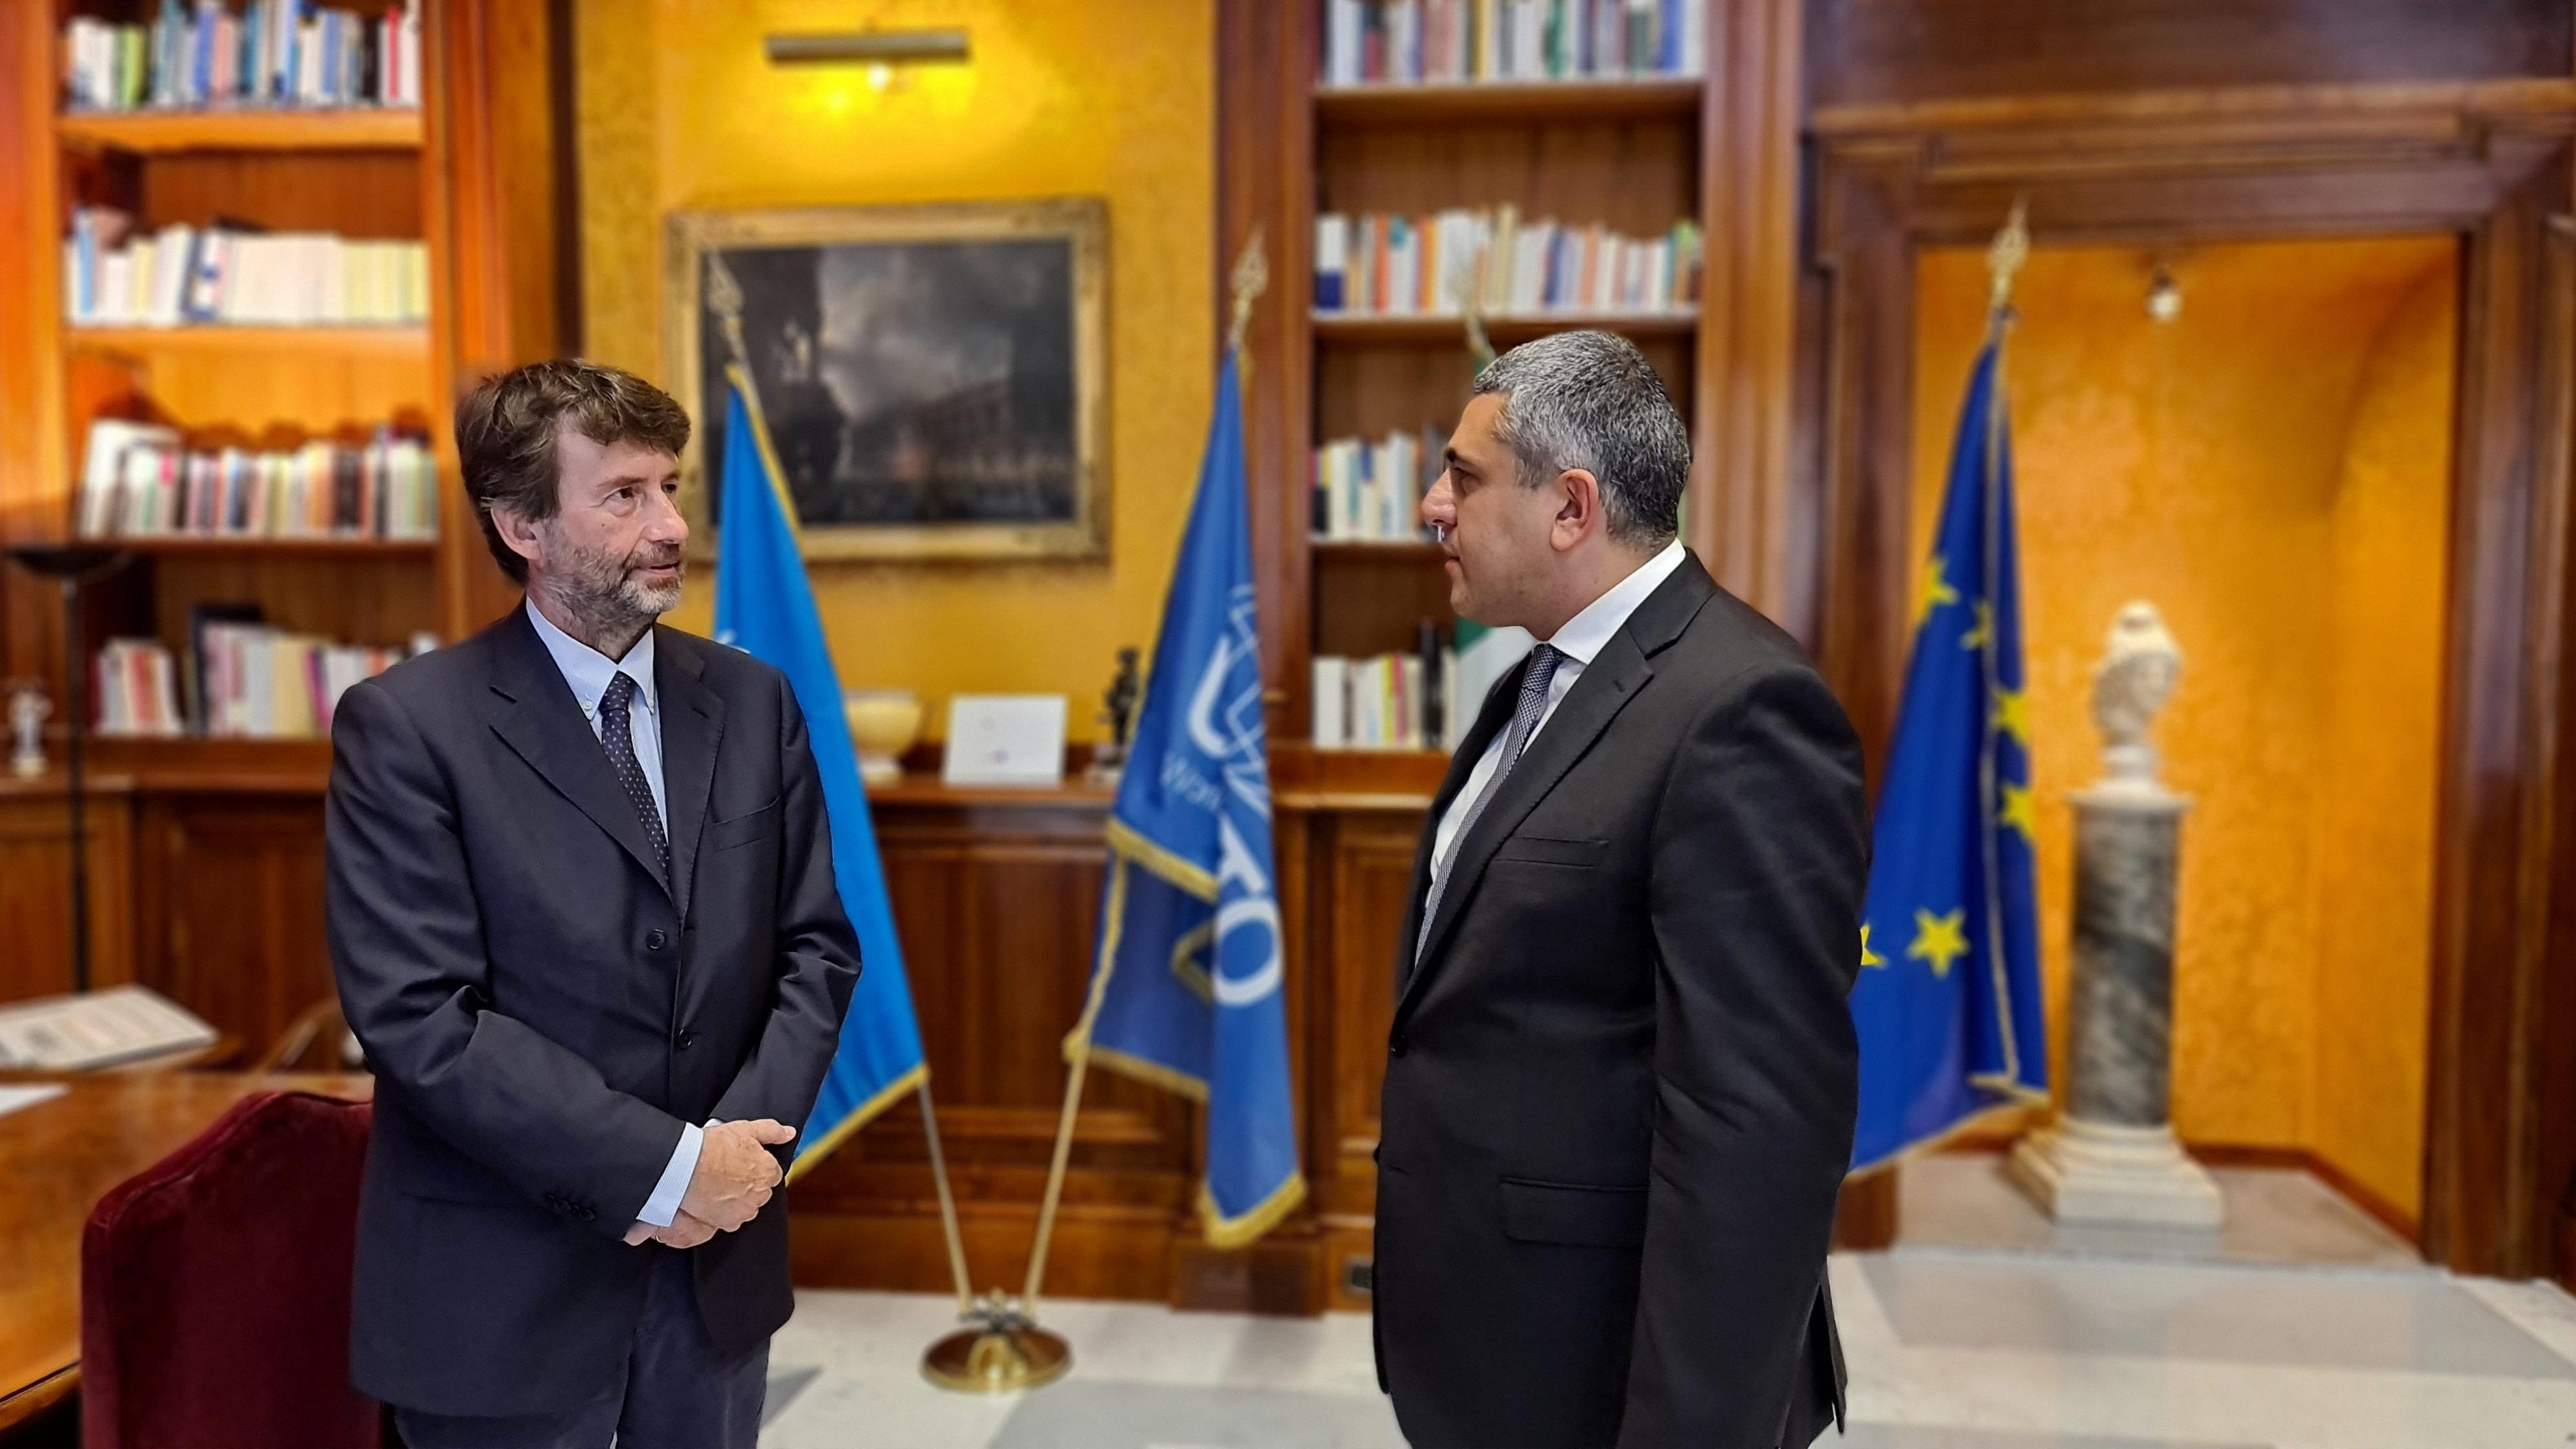 Visite officielle de l'OMT en Italie et réouverture des frontières dans l'espace Schengen